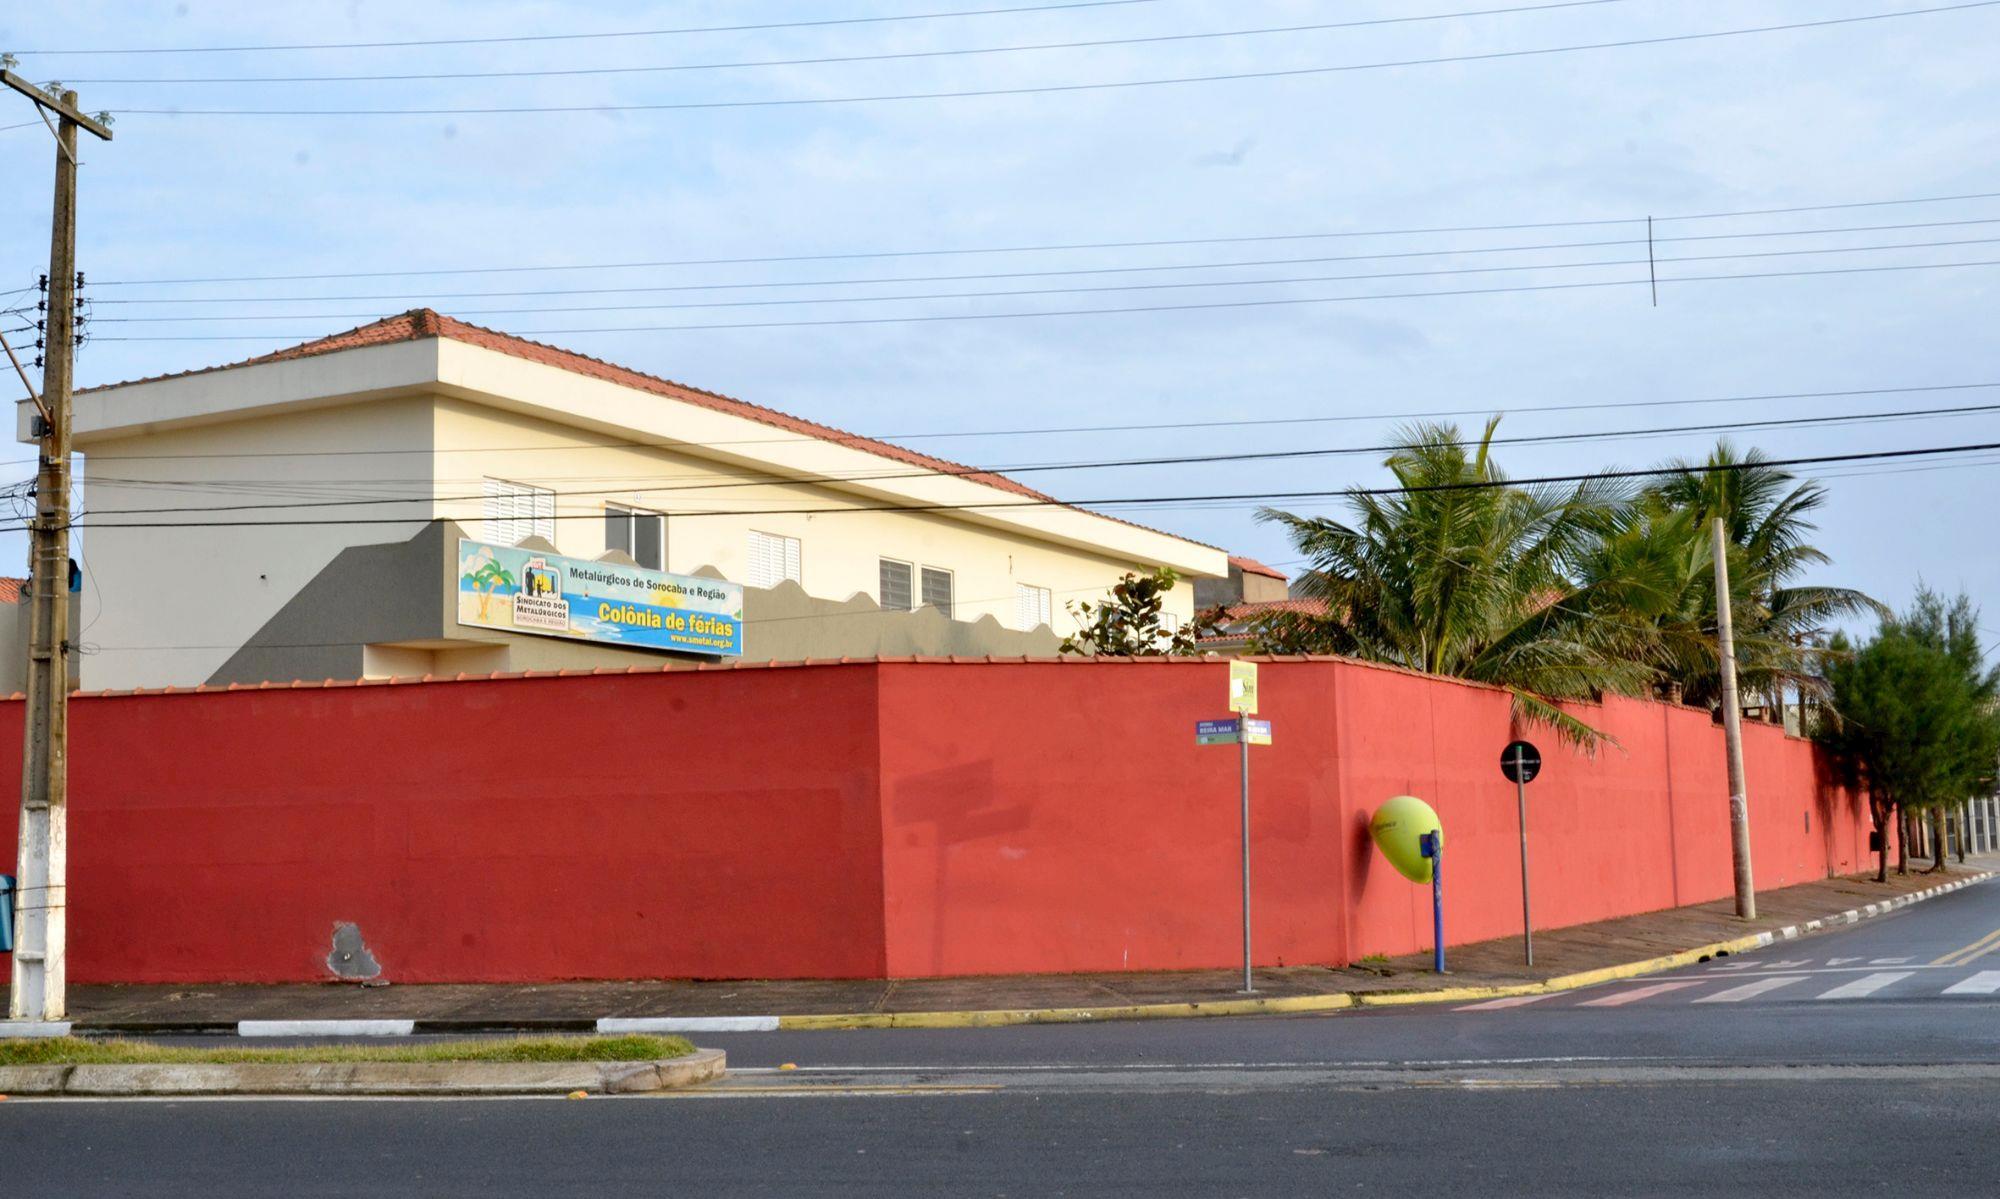 ilha, colonia,, Arquivo/Foguinho/Imprensa SMetal